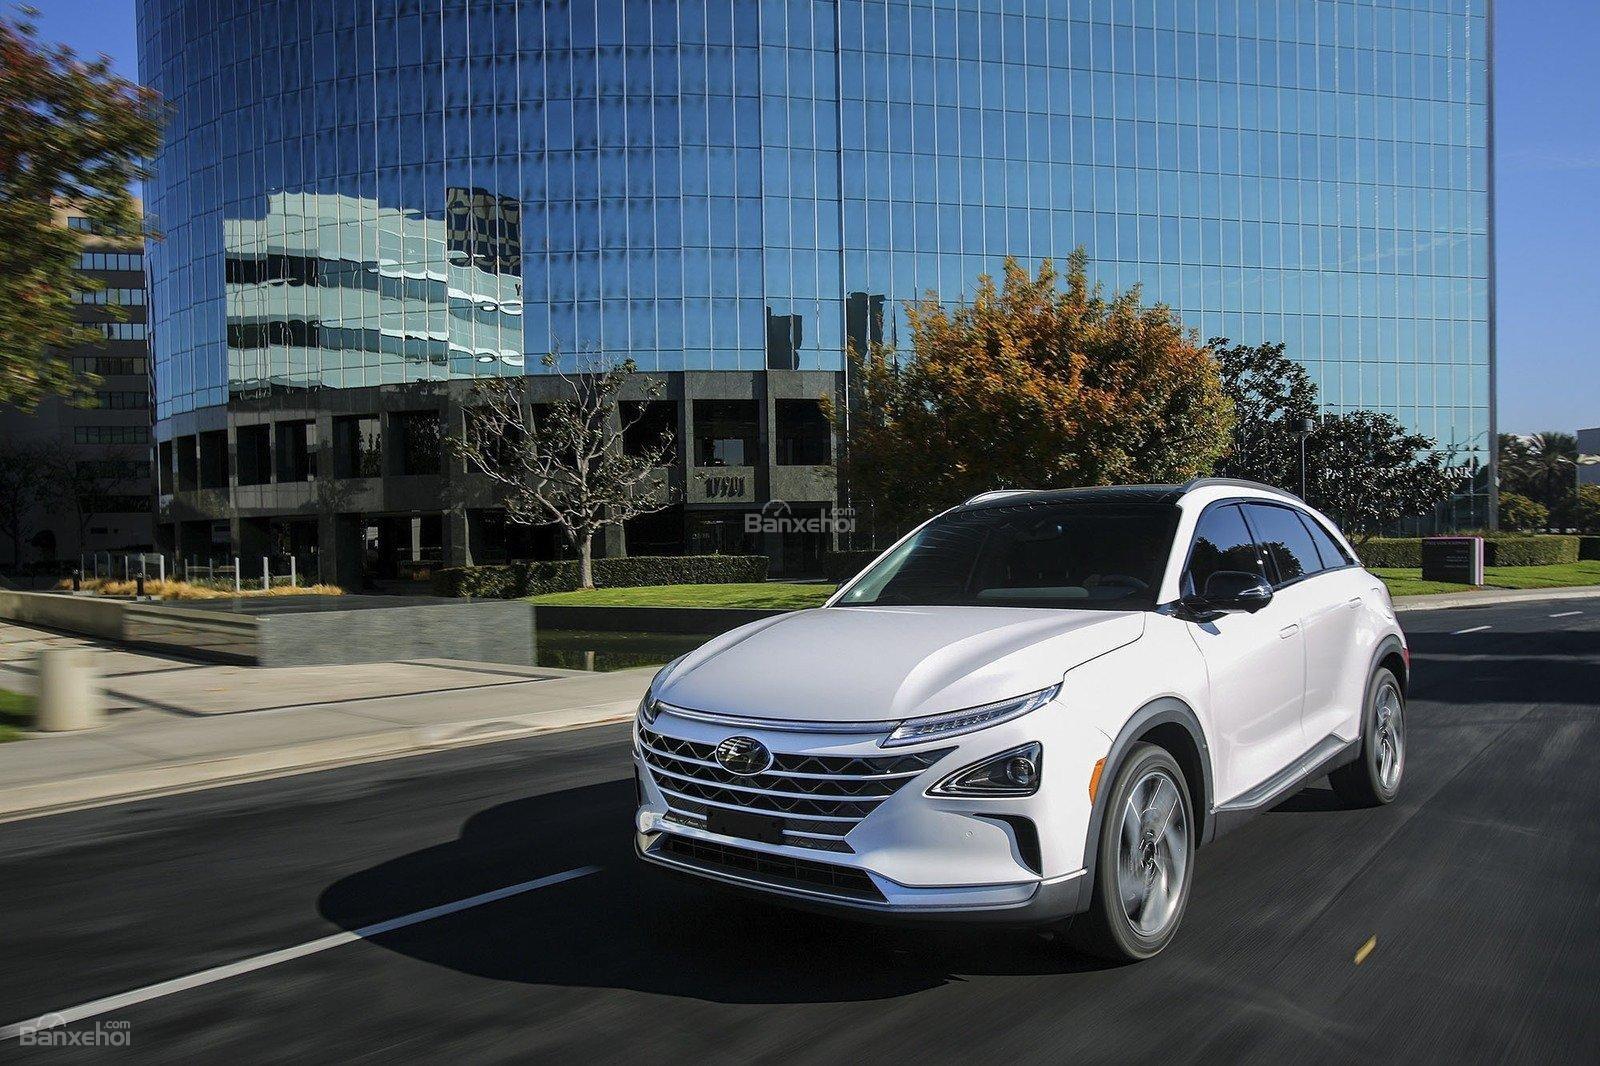 Đánh giá xe Hyundai Nexo 2019: Chủ tướng của Hyundai trong phân khúc ô tô hydrogen z